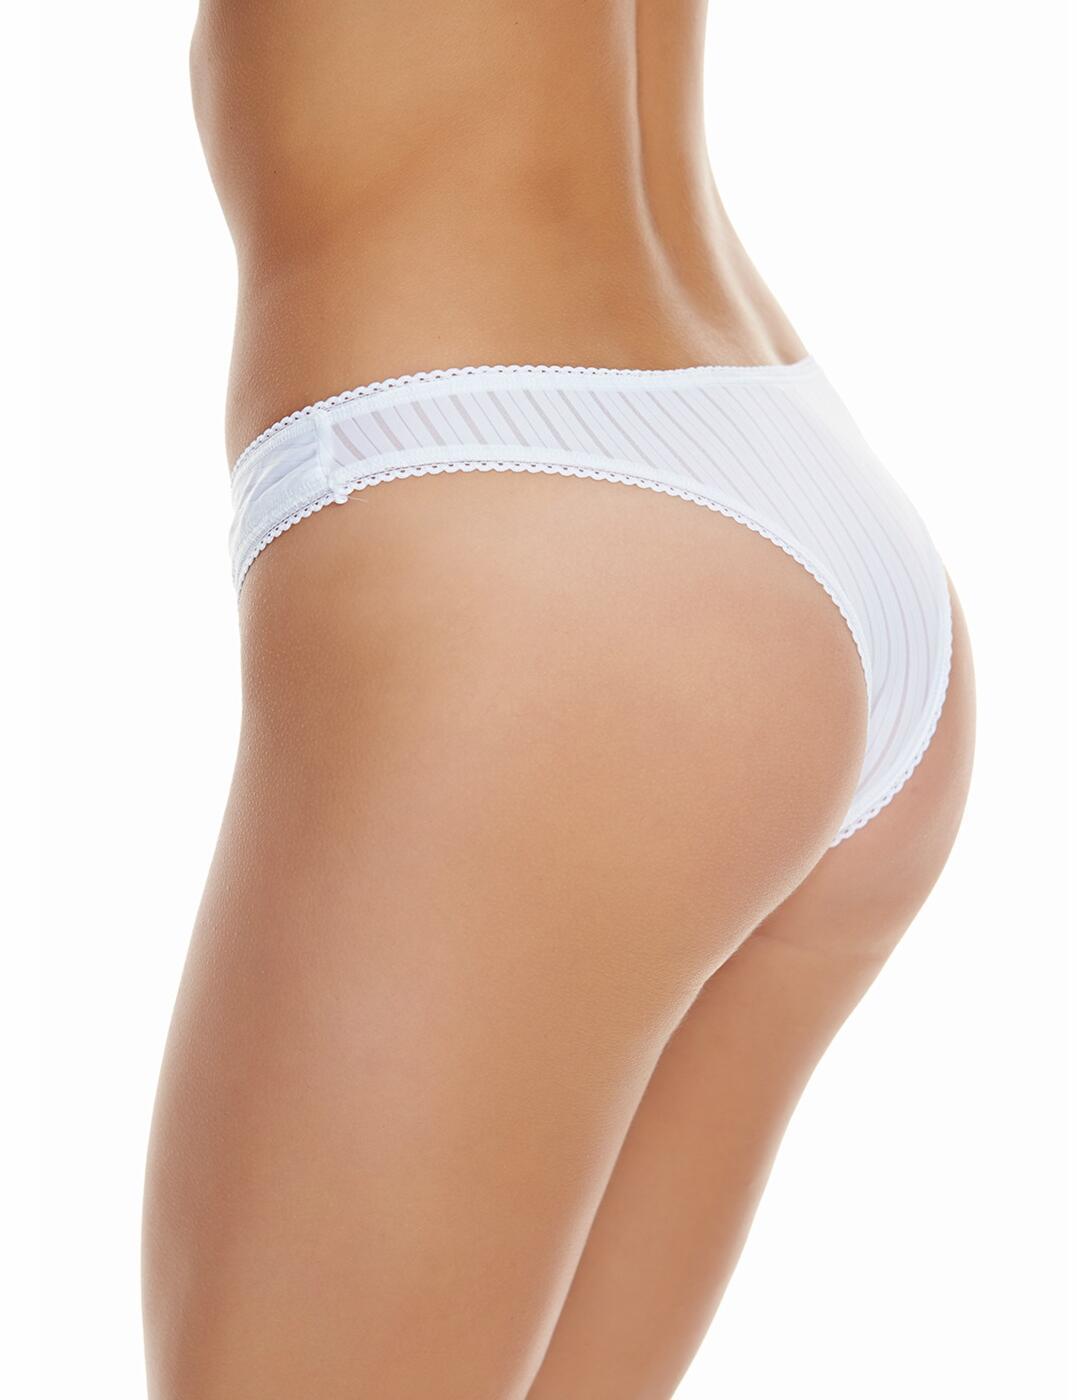 Freya Mode Thong 5037 Womens Underwear Lingerie